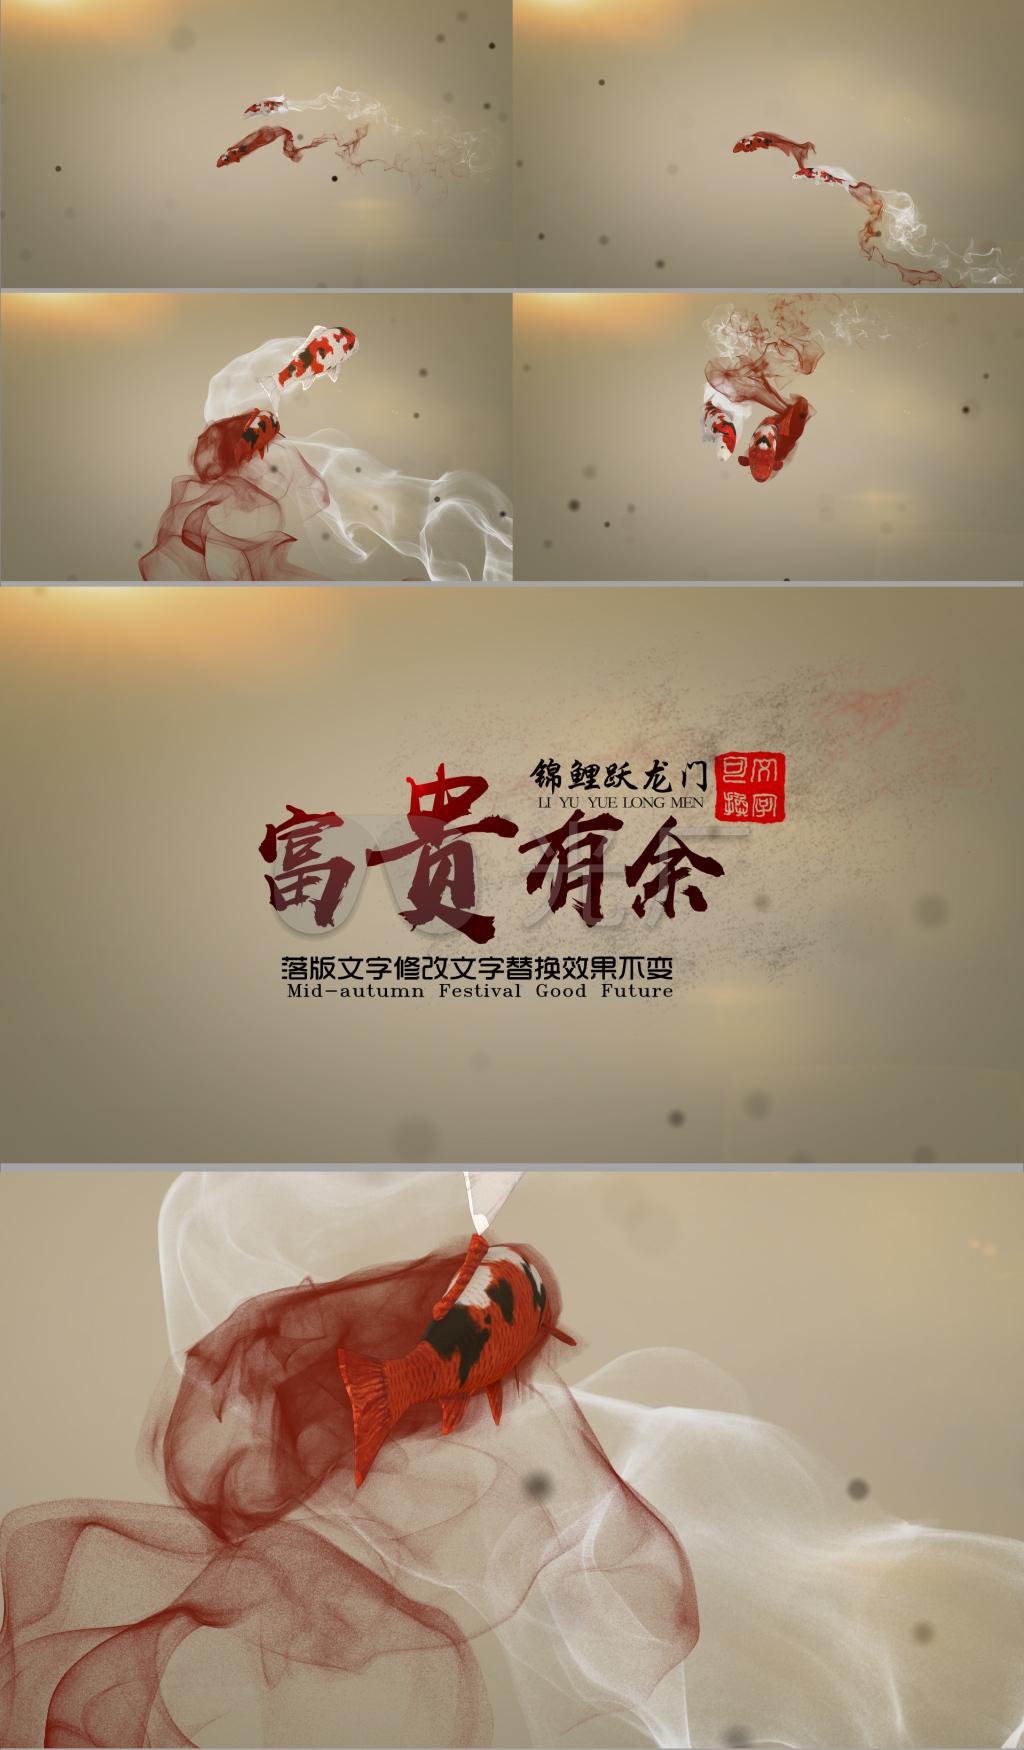 中国风水墨锦鲤ae模板